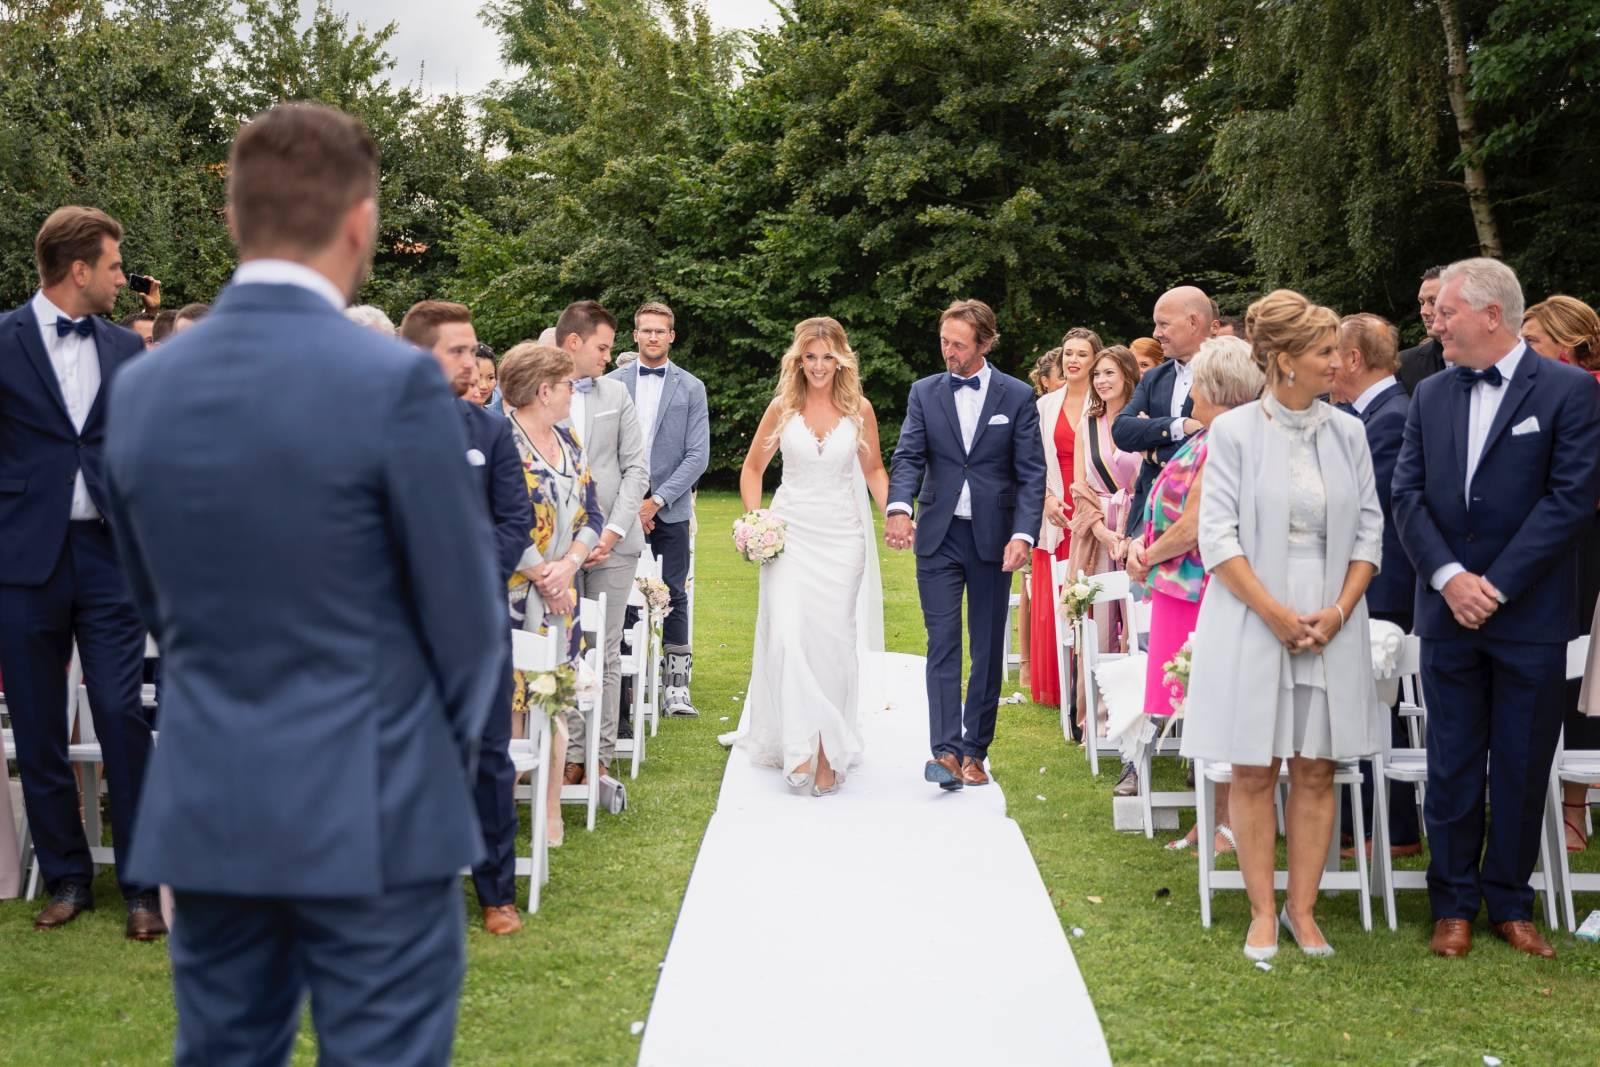 Kasteel Van Moerkerke - Kasteel - Feestzaal - Trouwzaal - House of Weddings - 1